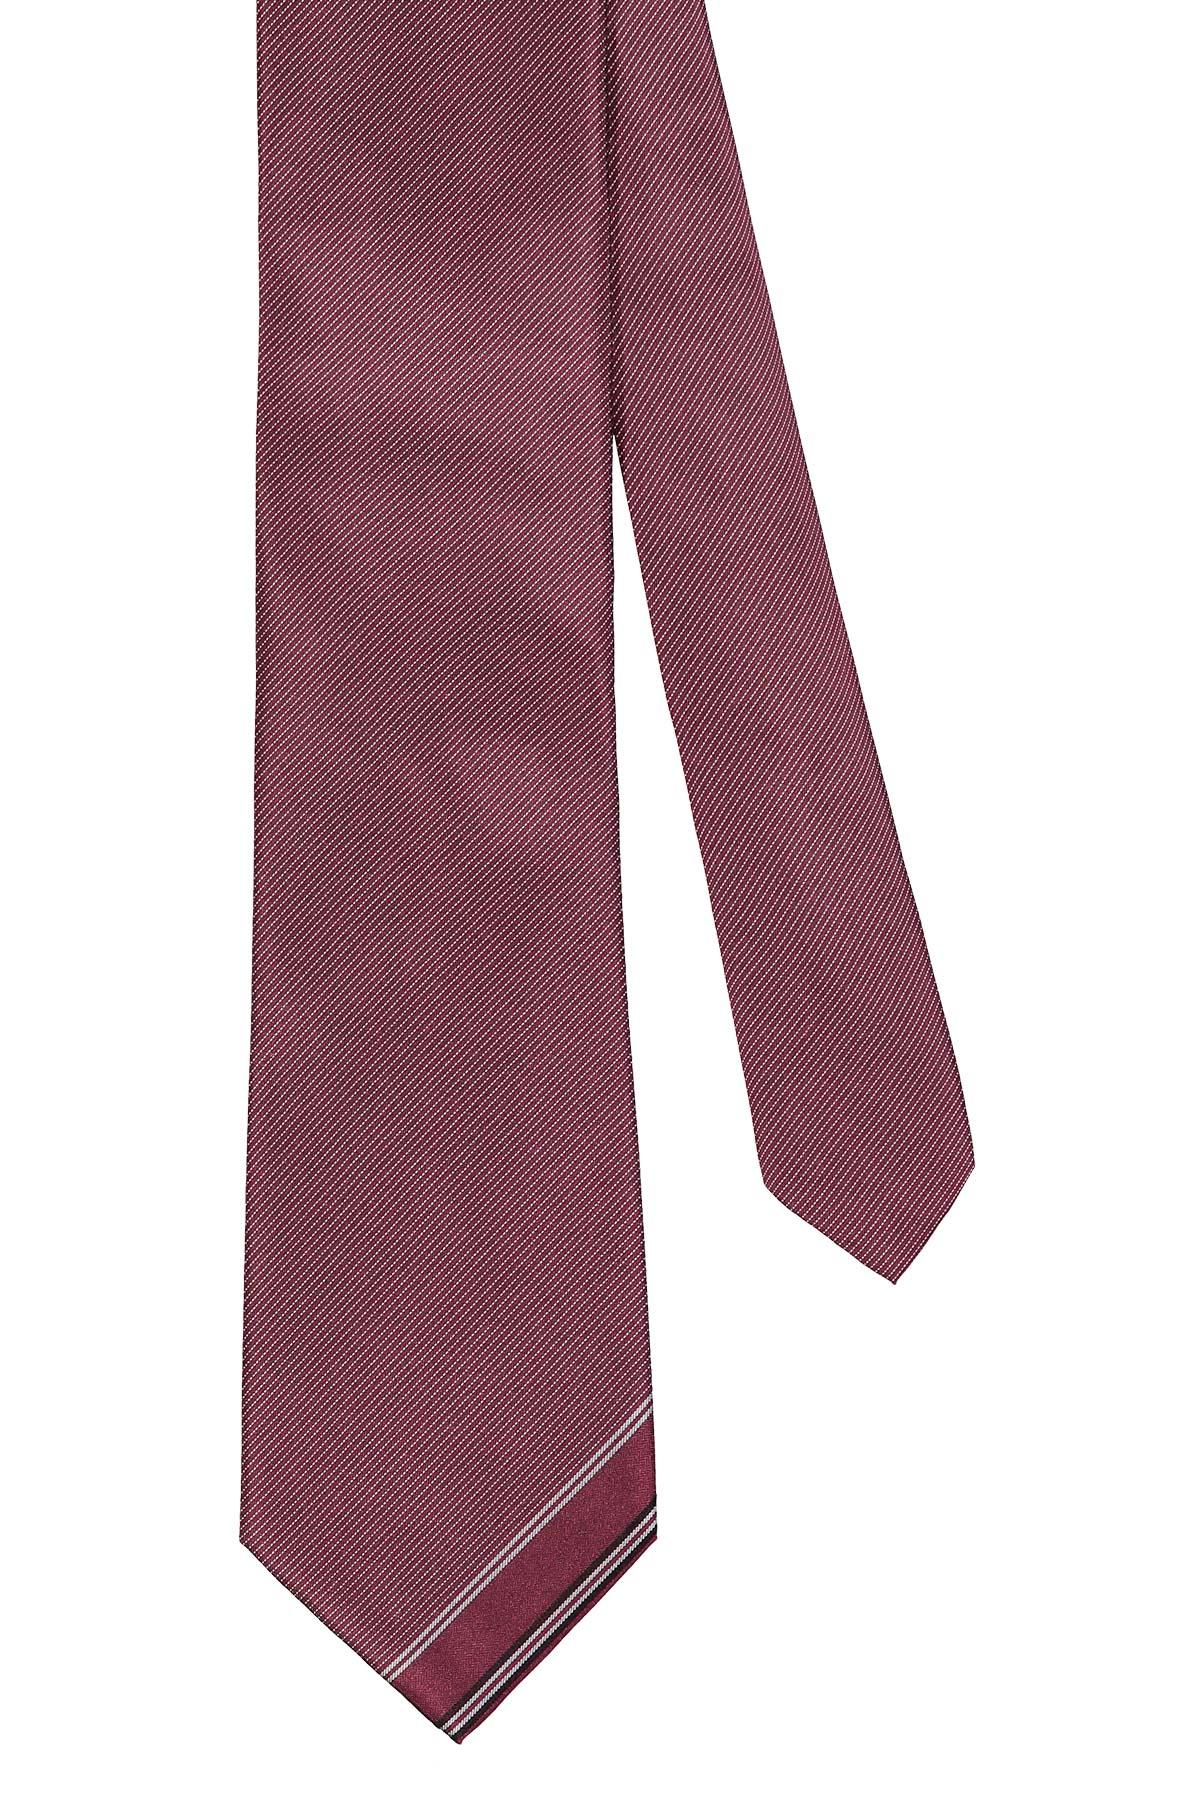 Corbata Calvin Klein, 100% seda, bordo trama diagonal, punta con vivo.